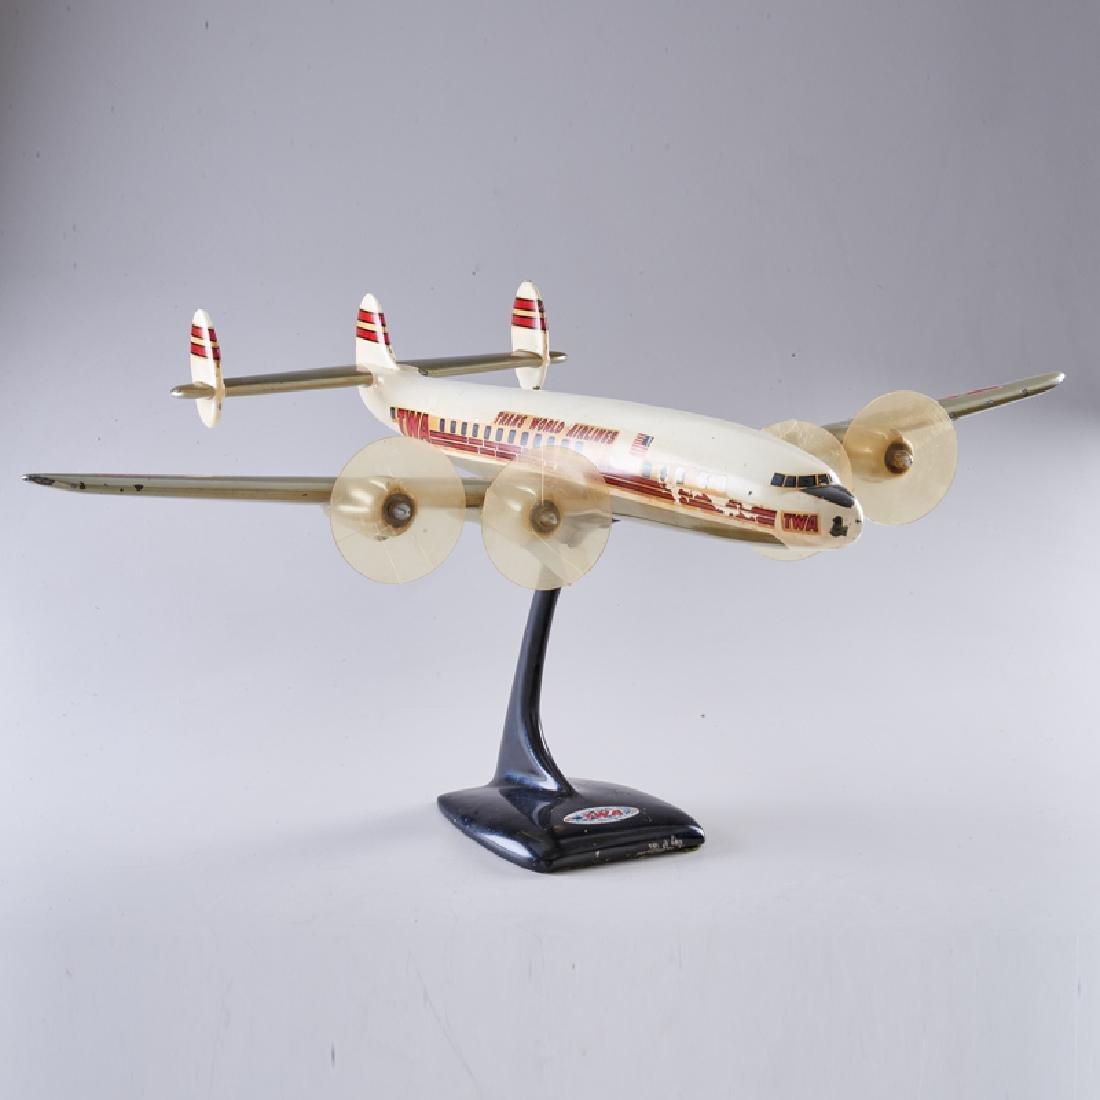 TWA MODEL AIRPLANE